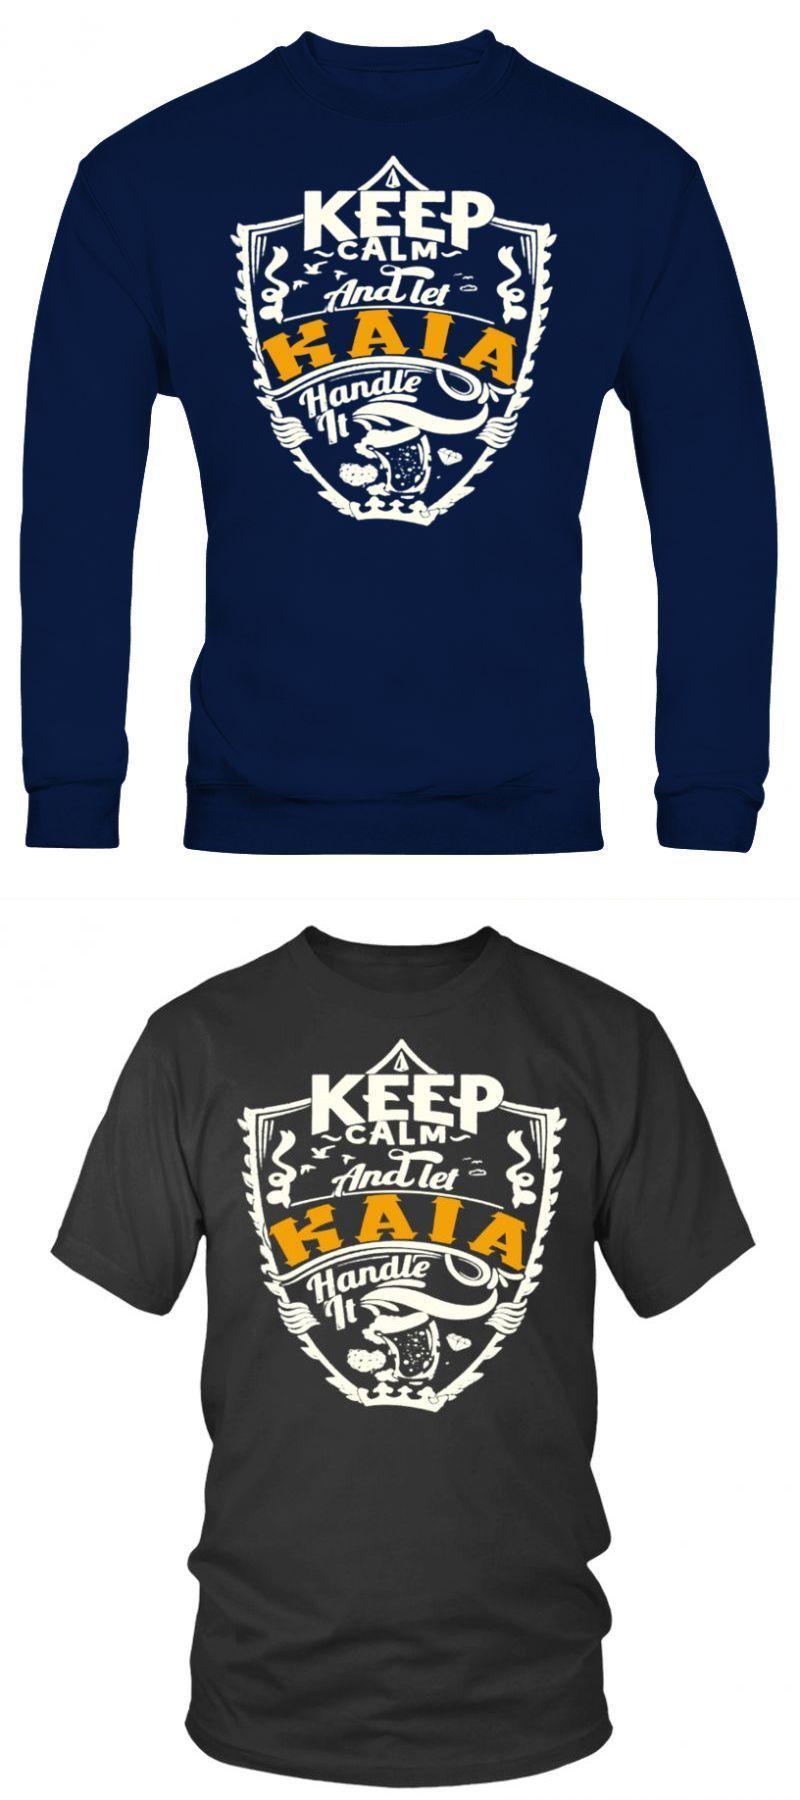 Basketball T Shirt Design Ideas | carrerasconfuturo.com